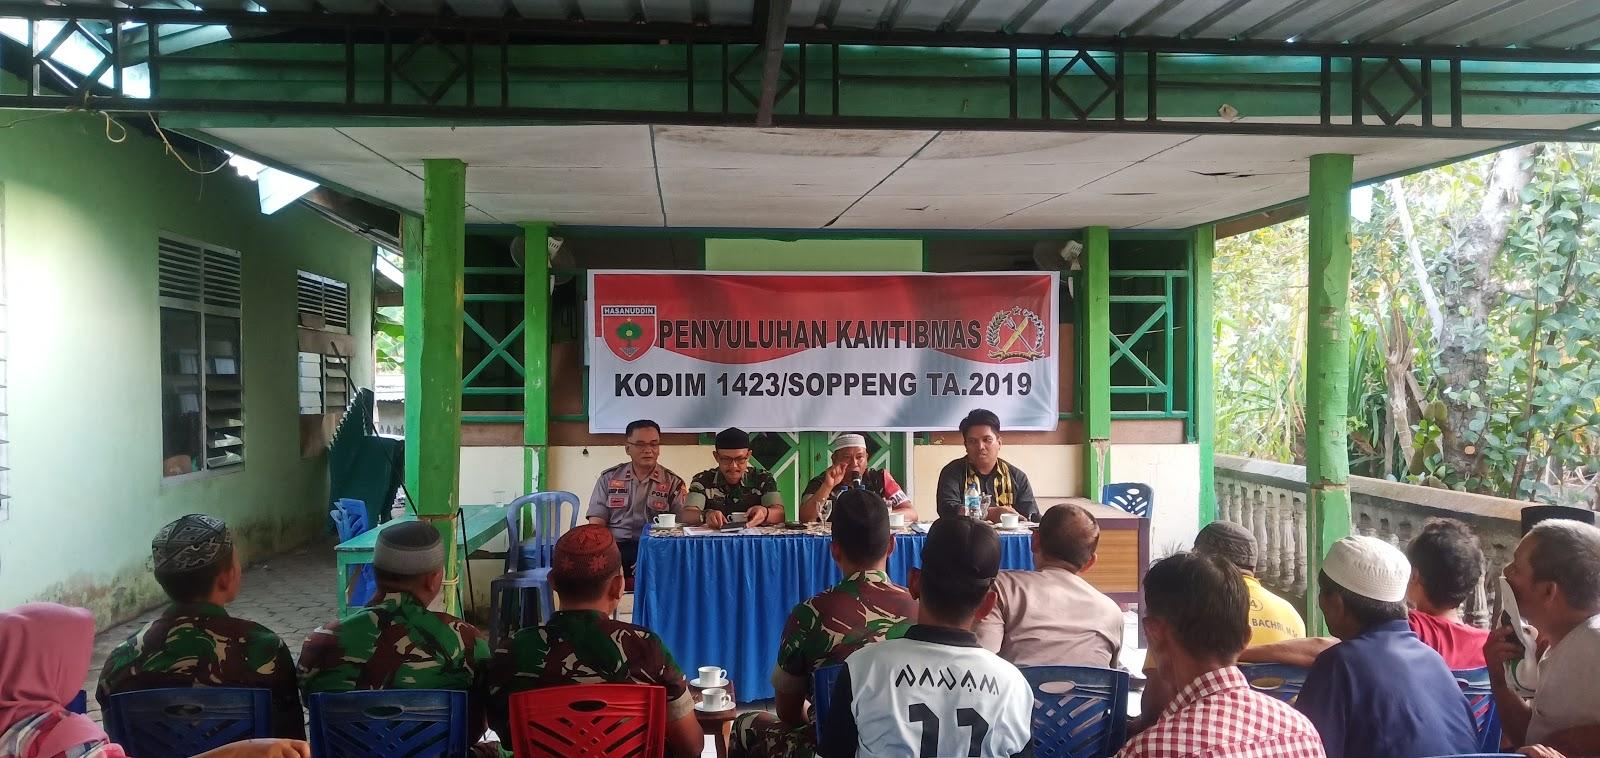 Satgas TMMD dan Polres Soppeng Gelar Penyuluhan Kamtibmas di Desa Patampanua.